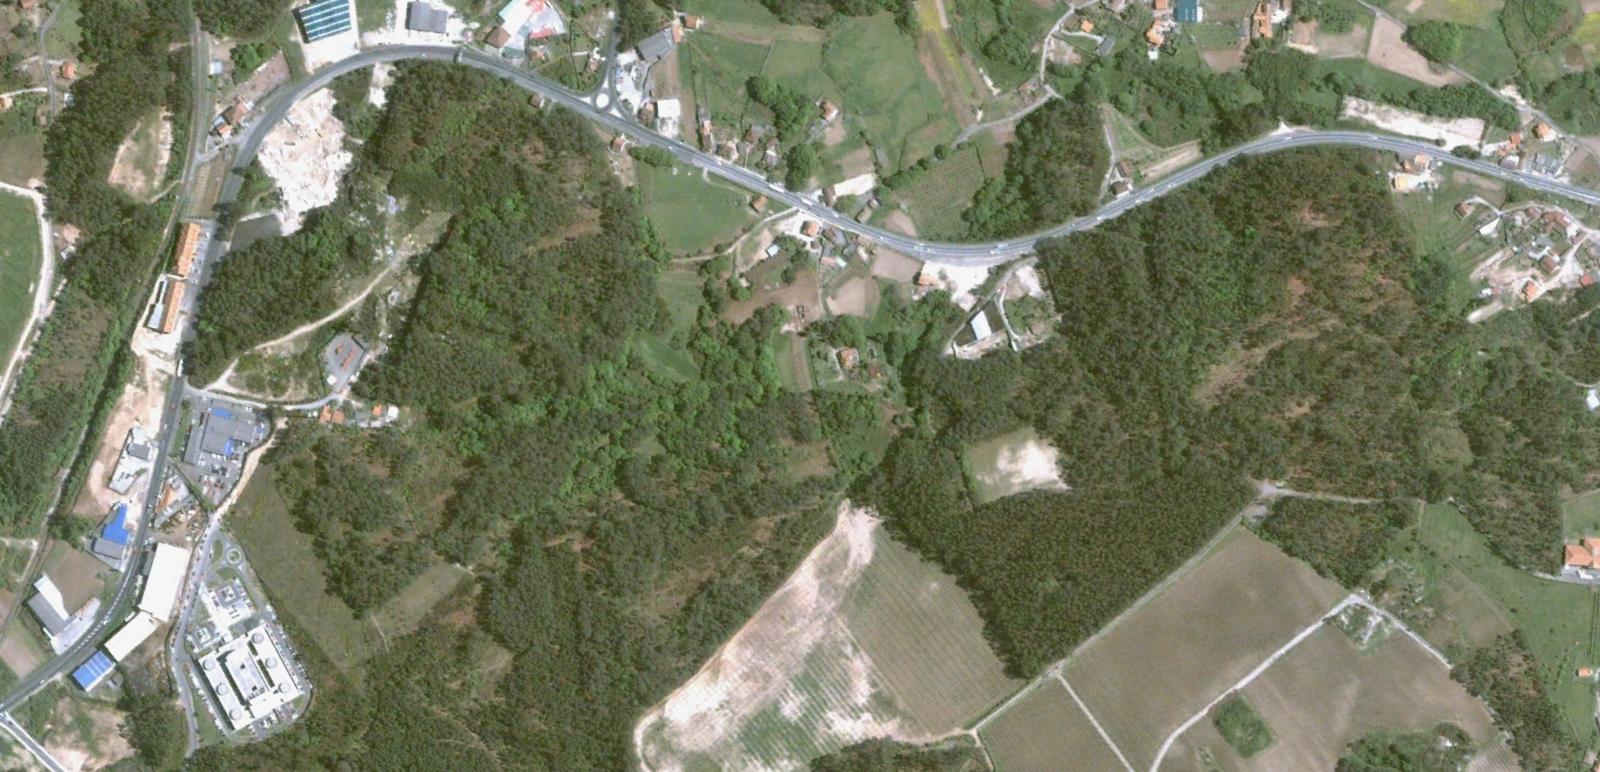 parque empresarial vilanova I, vilanova de arousa, pontevedra, si valle inclán levantara la cabeza, antes, urbanismo, planeamiento, urbano, desastre, urbanístico, construcción